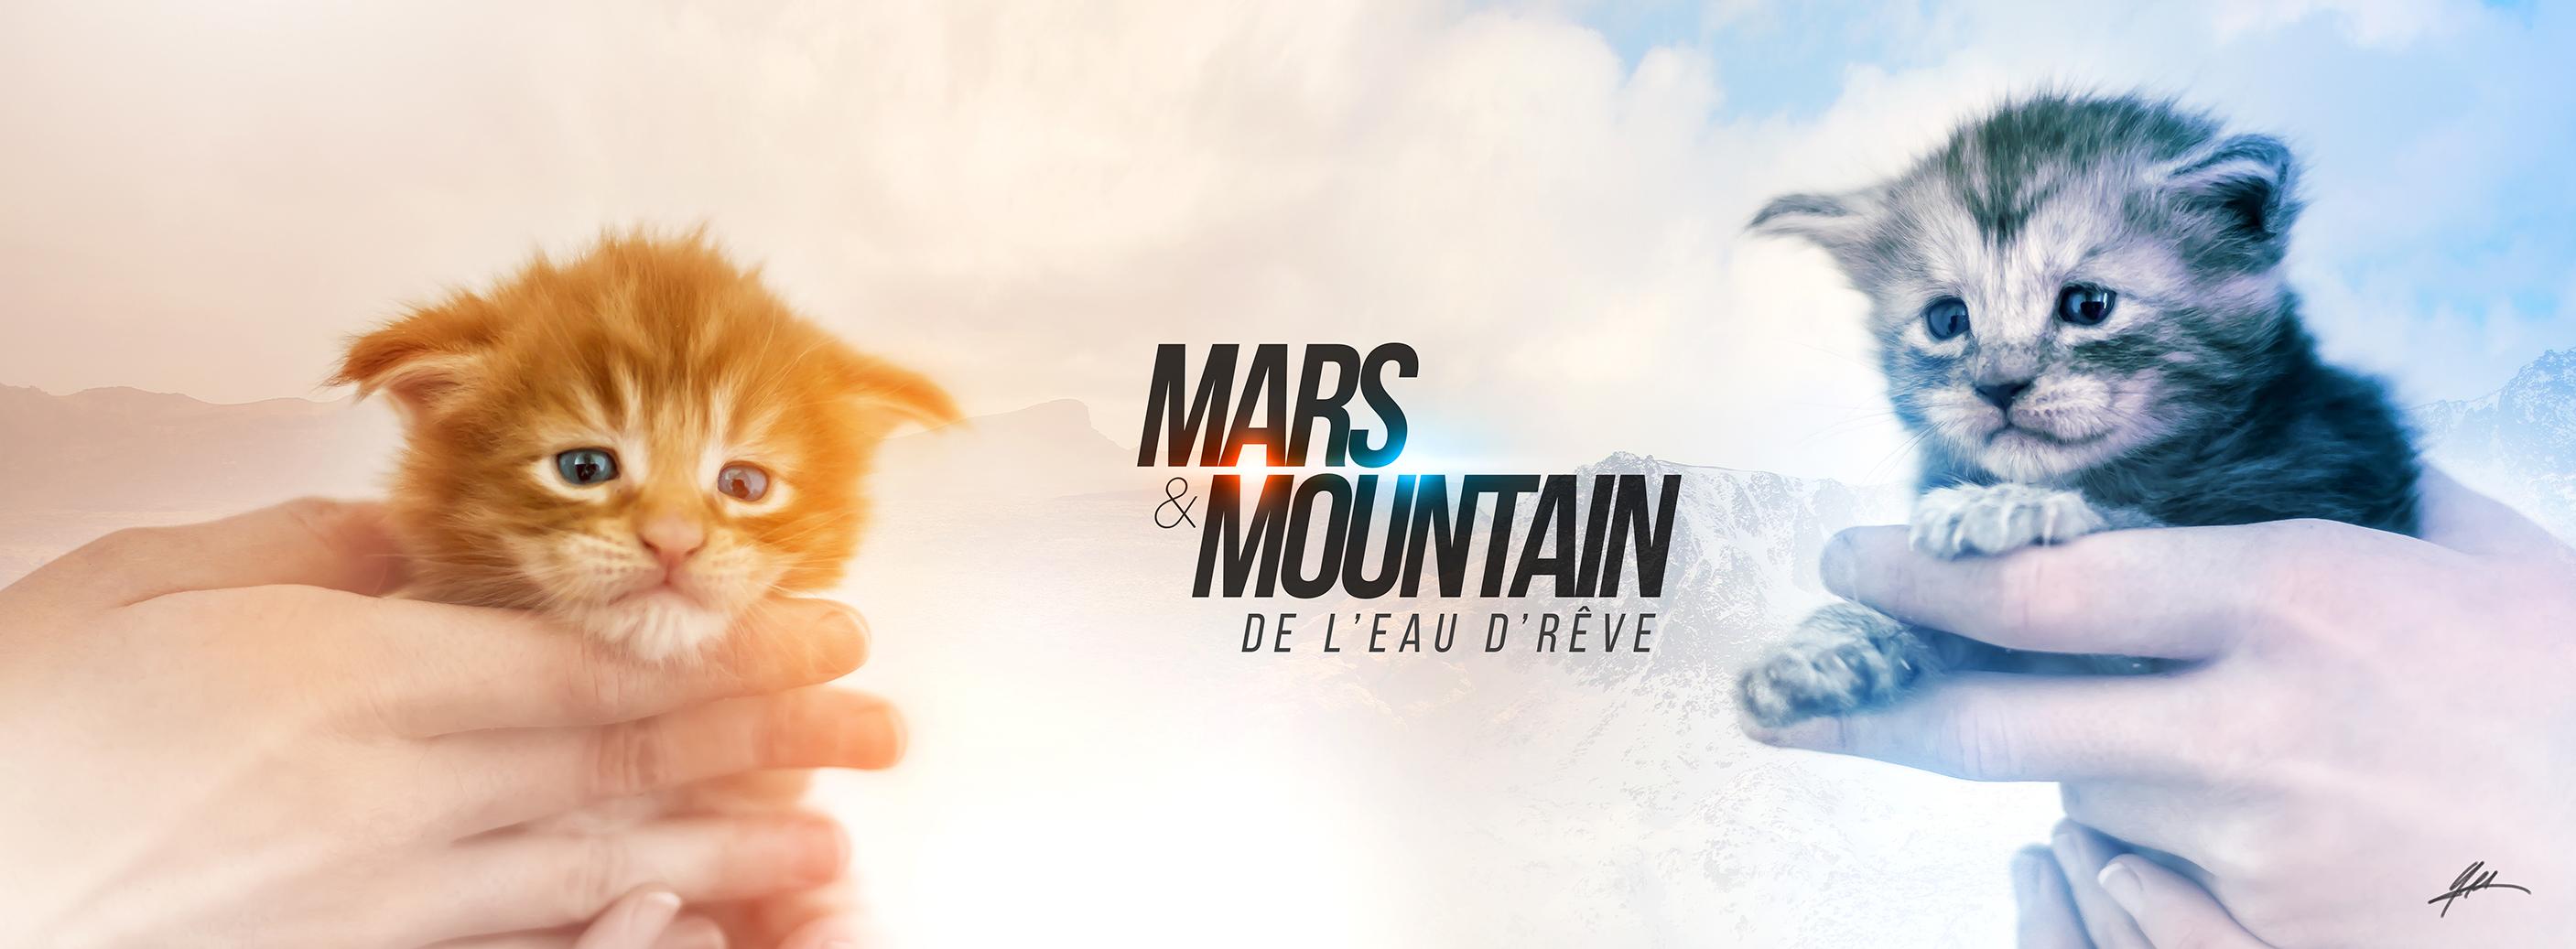 MARS&MOUNTAIN 22 jours